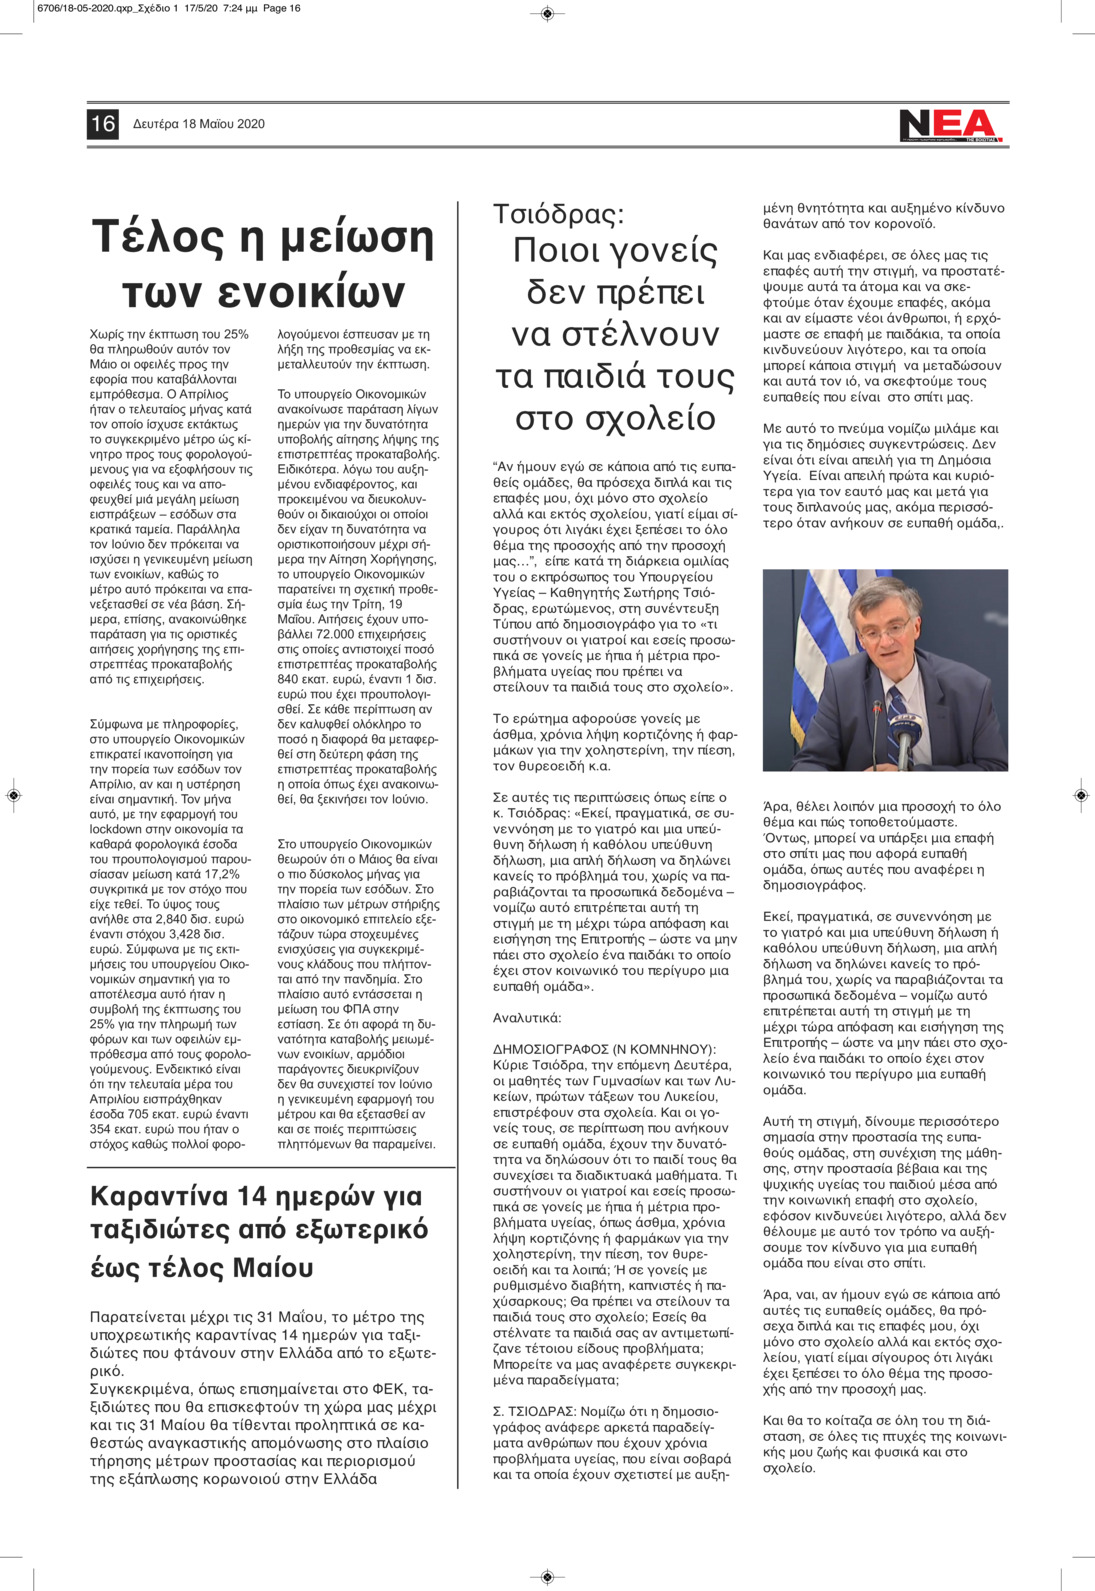 Οπισθόφυλλο εφημερίδας Νέα της Βοιωτίας